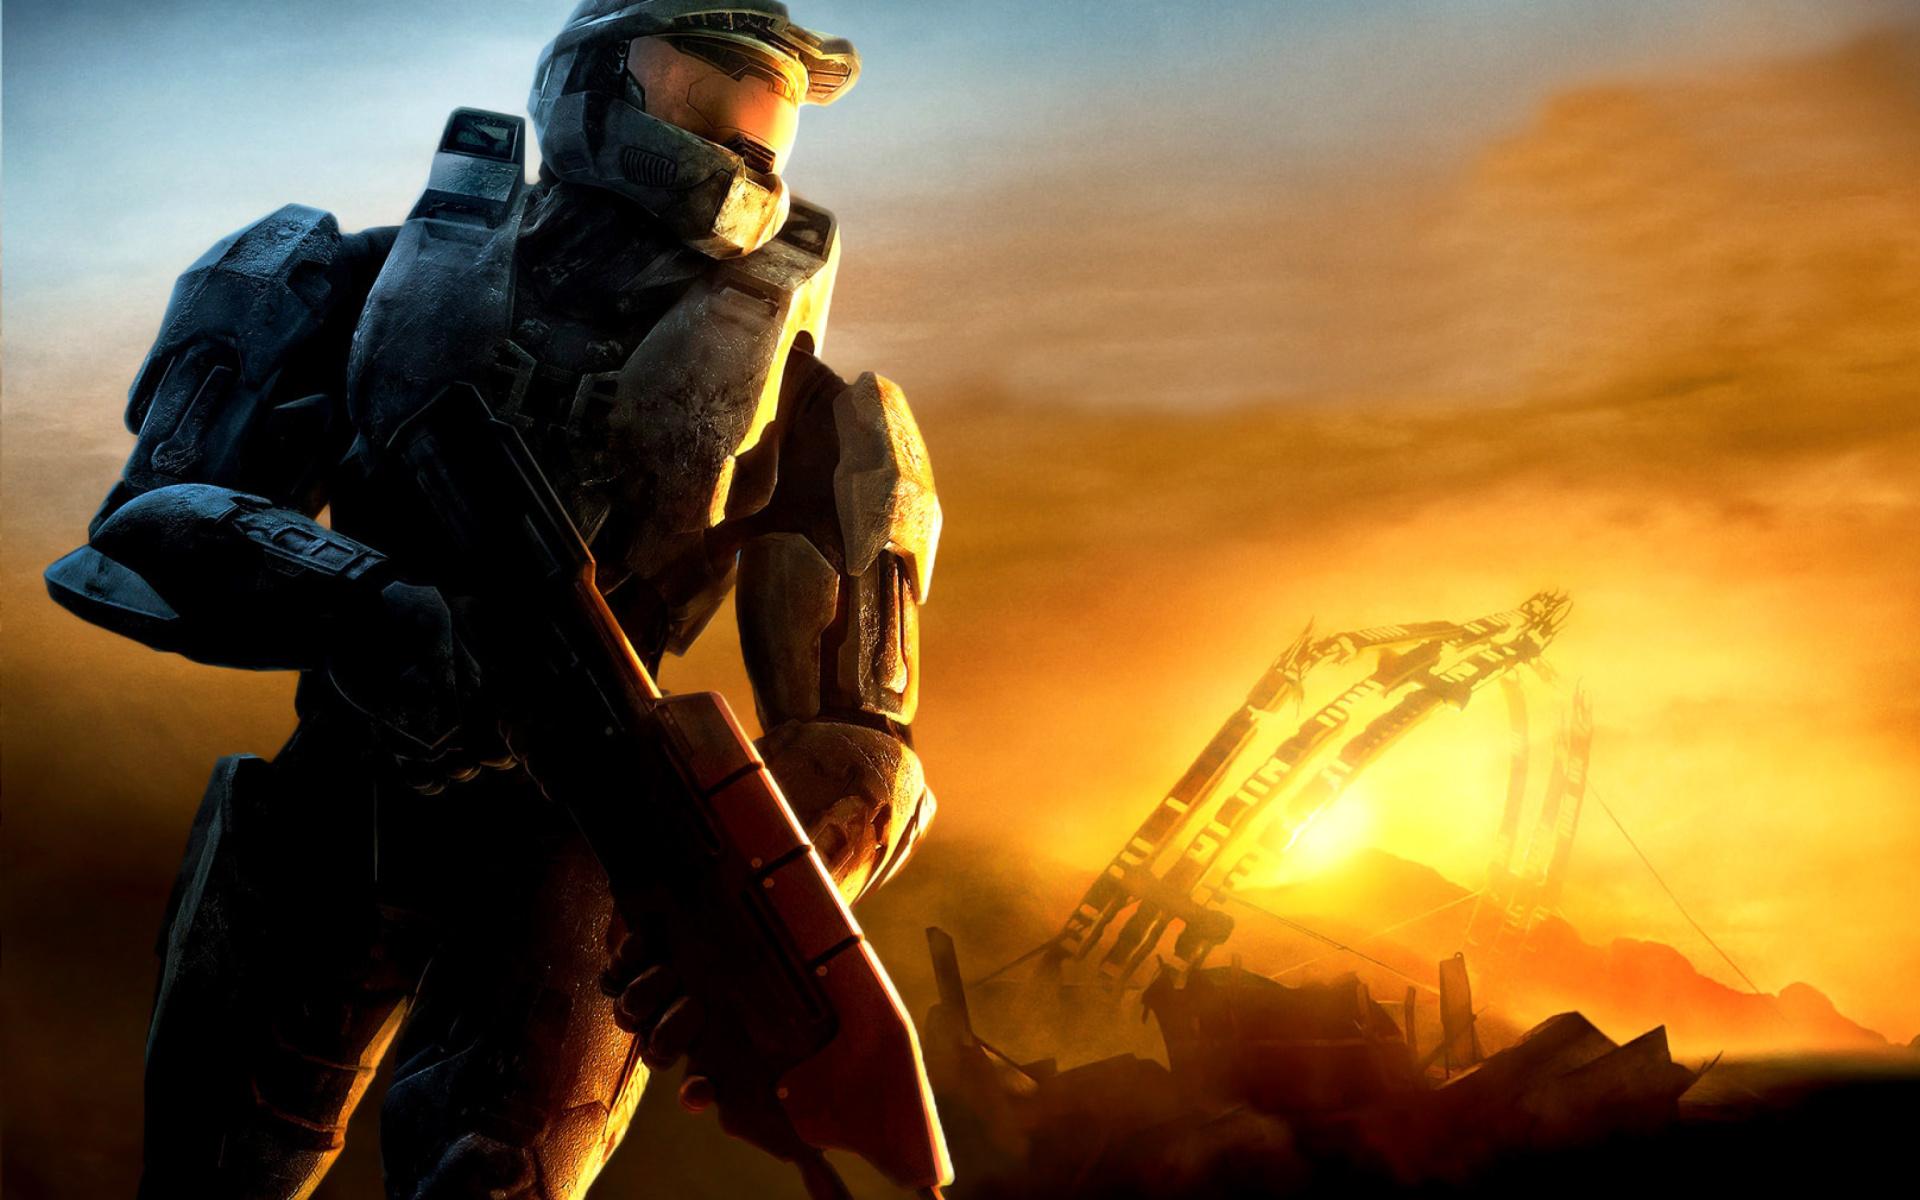 Halo 3 Fondos De Pantalla Gratis Para Widescreen